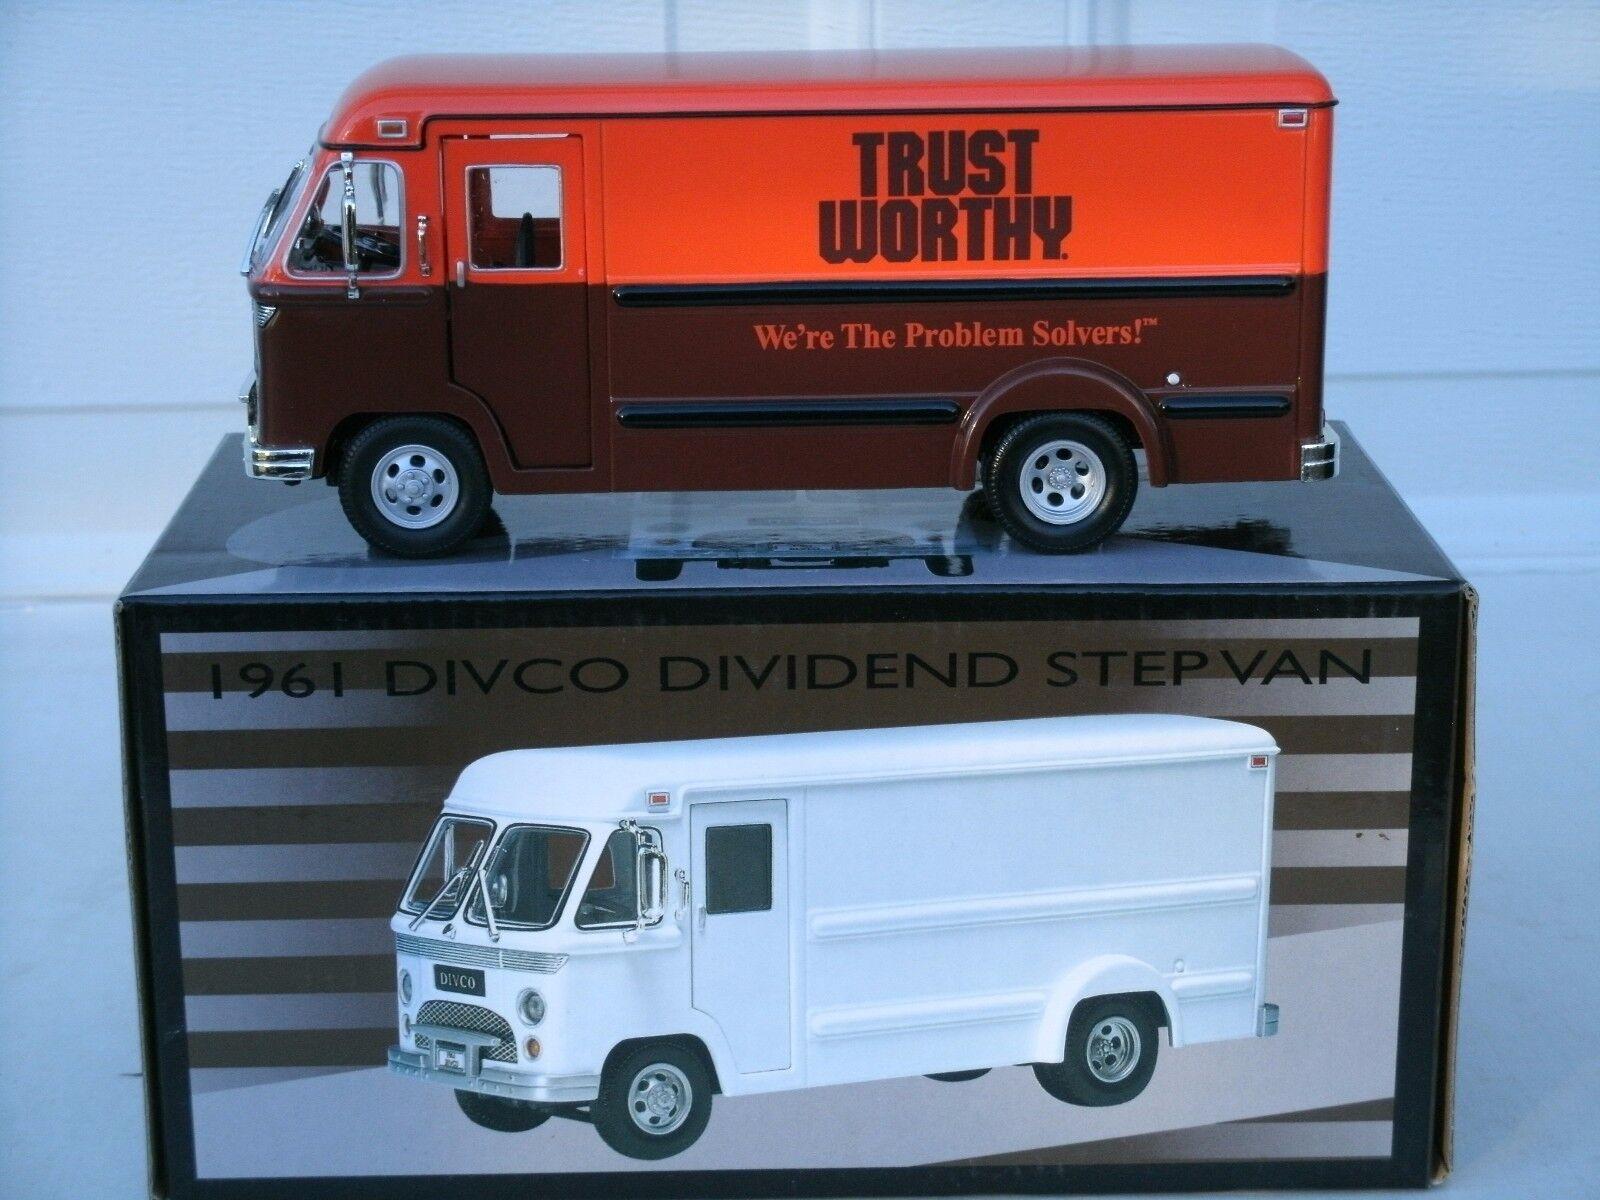 entrega rápida Crown Premiums confianza digna 1961 1961 1961 divco dividendo escala 1 34 en Caja Paso Van  Entrega rápida y envío gratis en todos los pedidos.